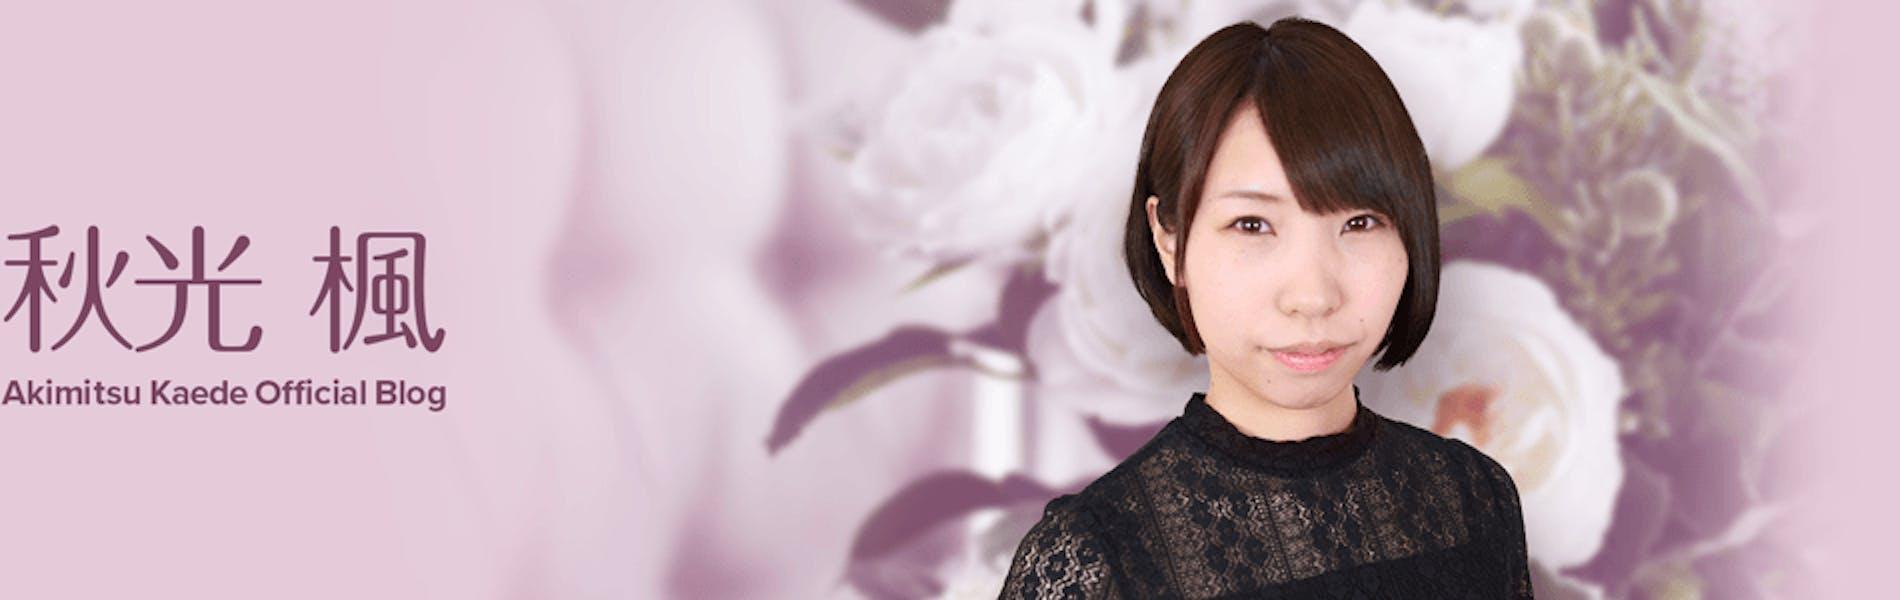 秋光楓 オフィシャルブログ